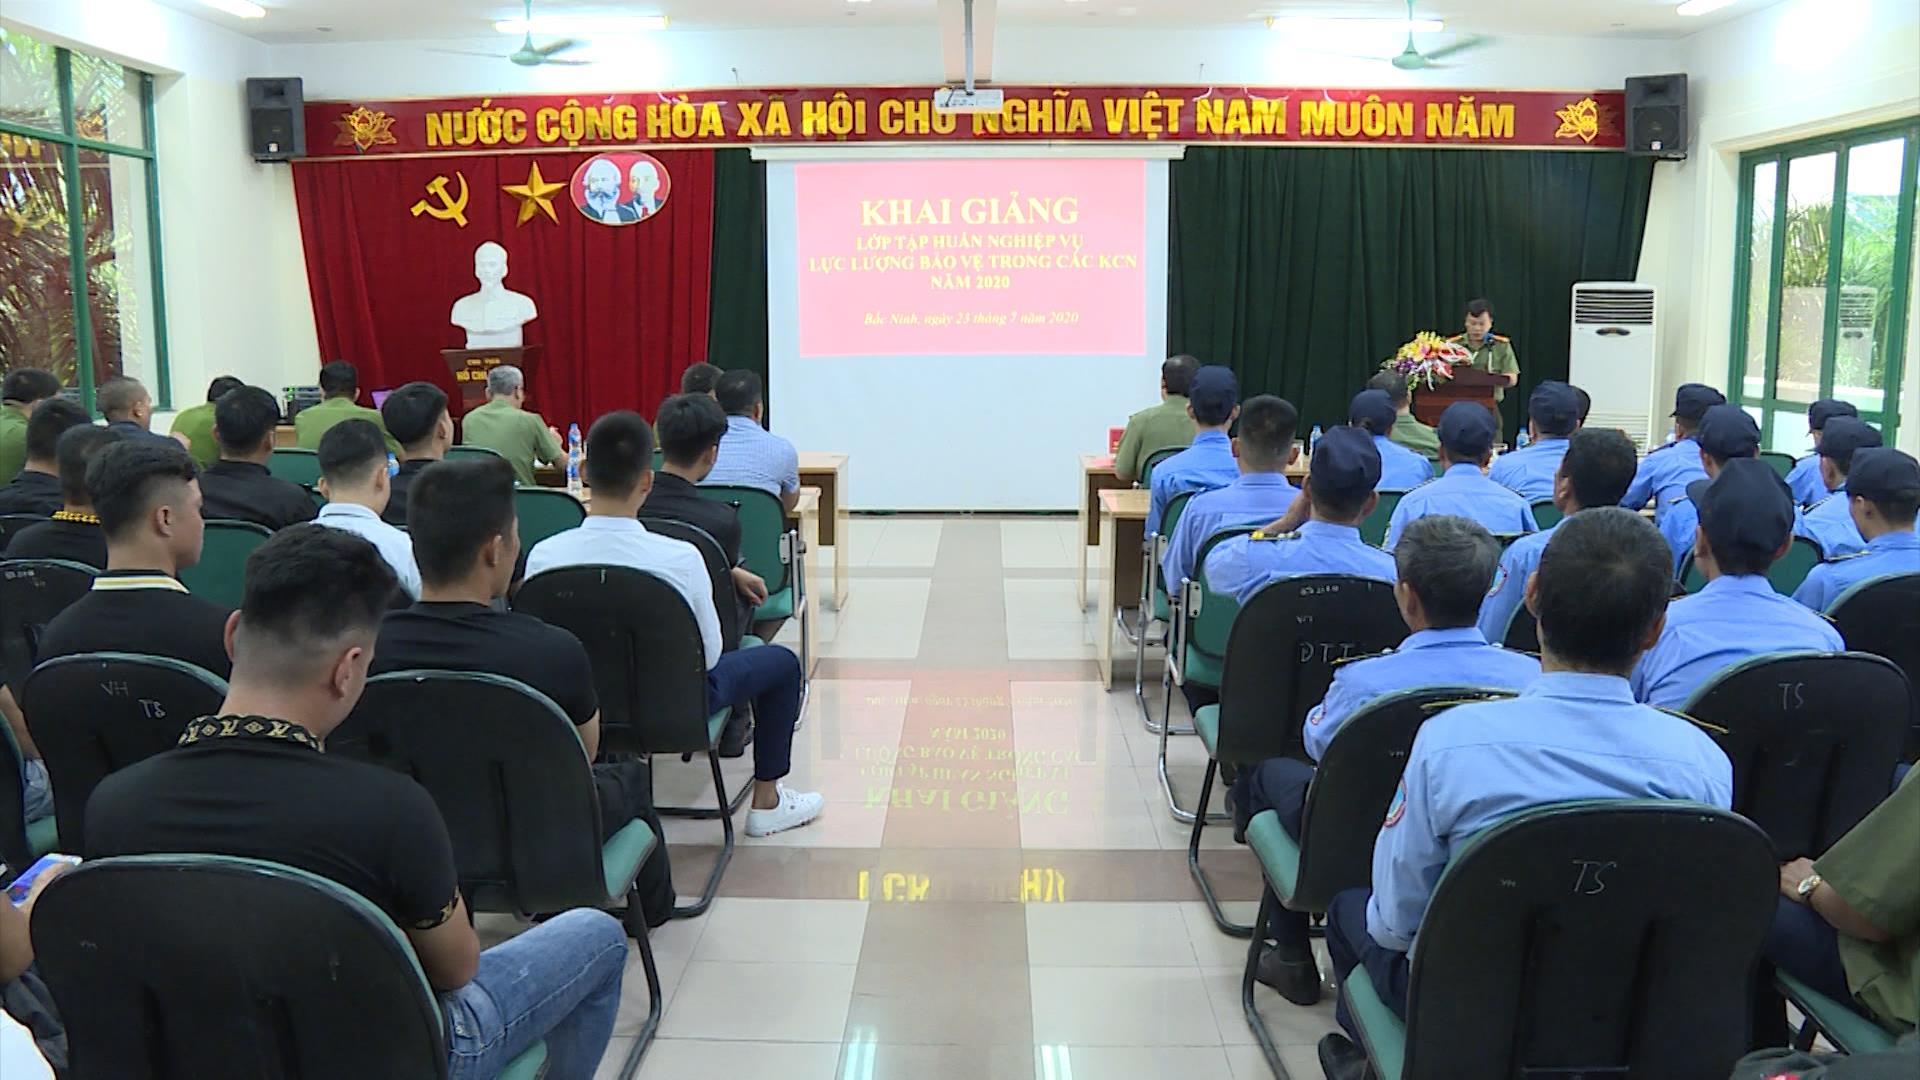 Khai giảng lớp tập huấn nghiệp vụ bảo vệ trong các Khu công nghiệp 2020